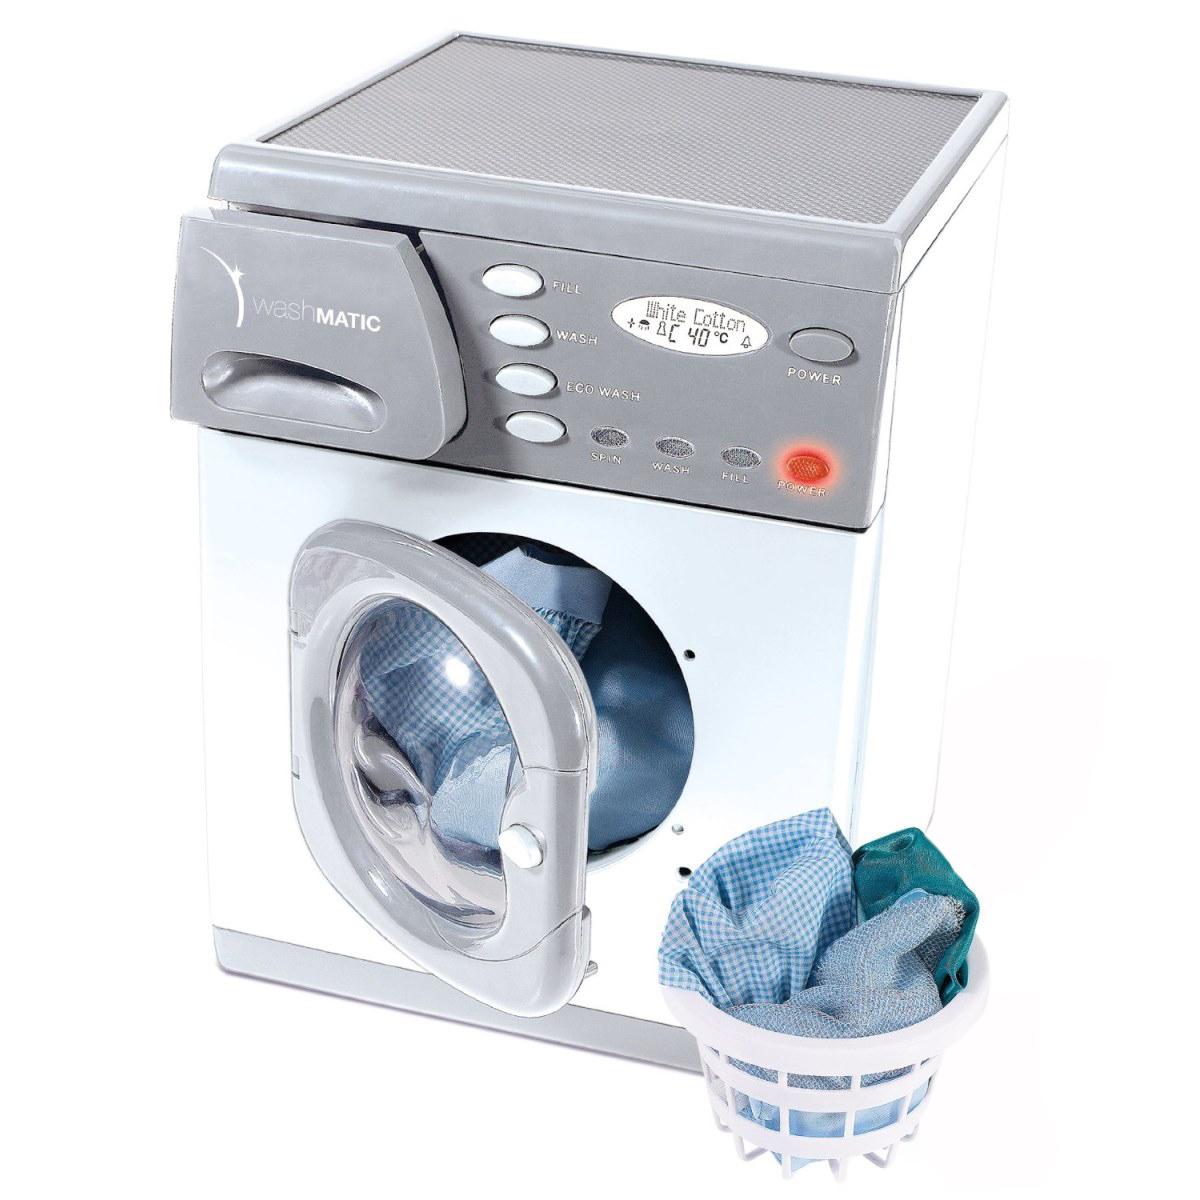 Игровой набор - Стиральная машинаУборка дома, стирка, глажка<br>Игровой набор - Стиральная машина<br>